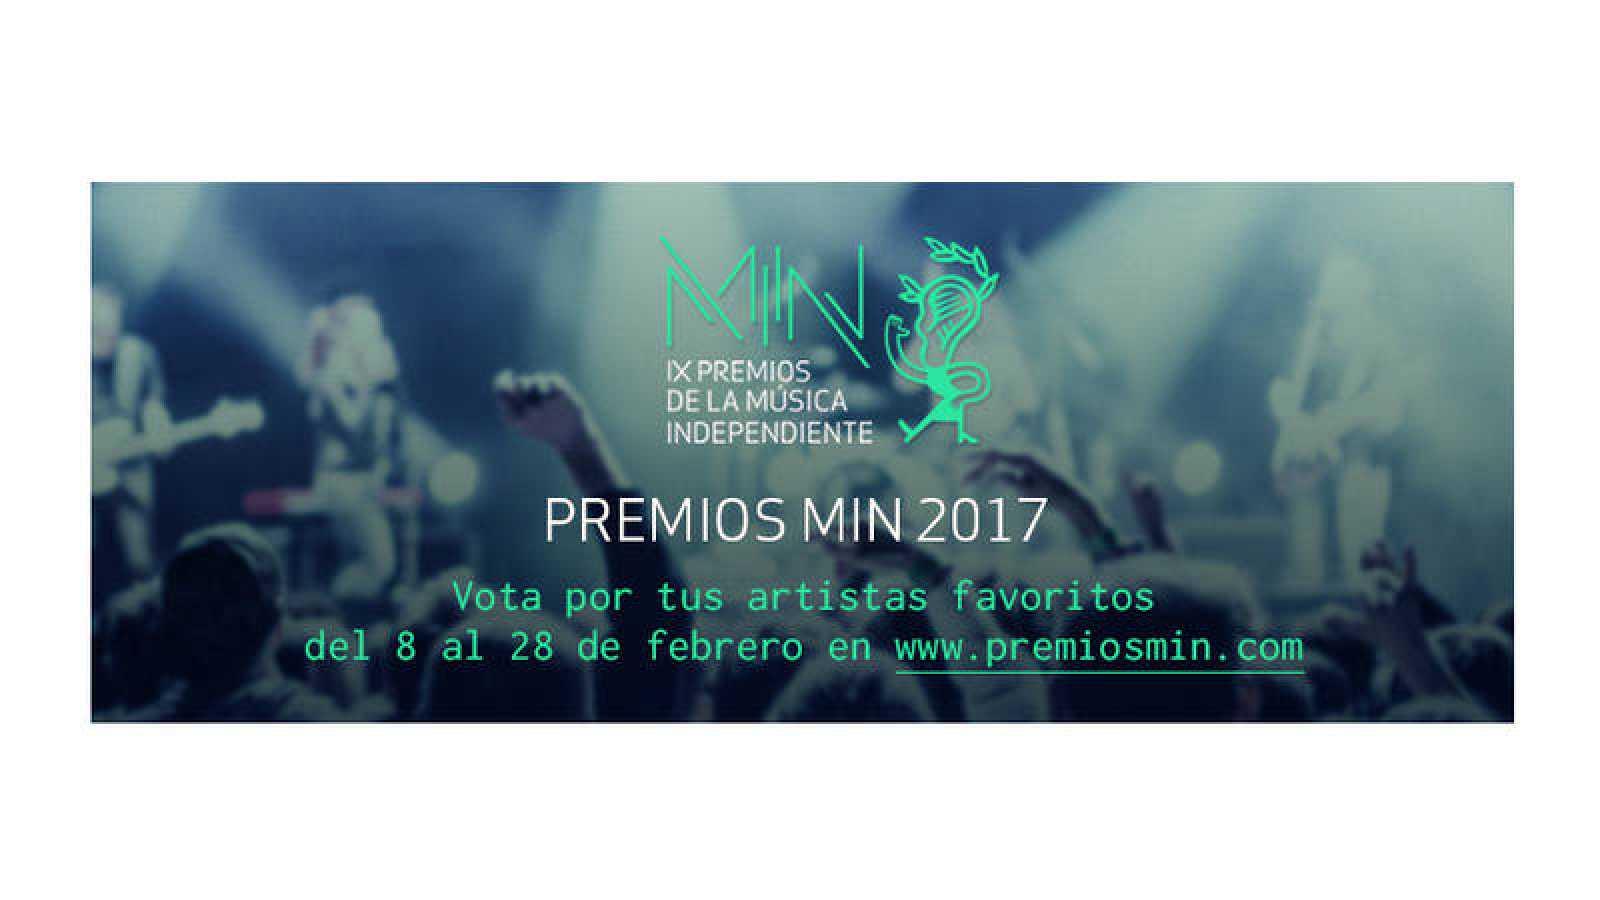 Hasta el 28 de febrero, vota a tus artistas favoritos en los Premios MIN